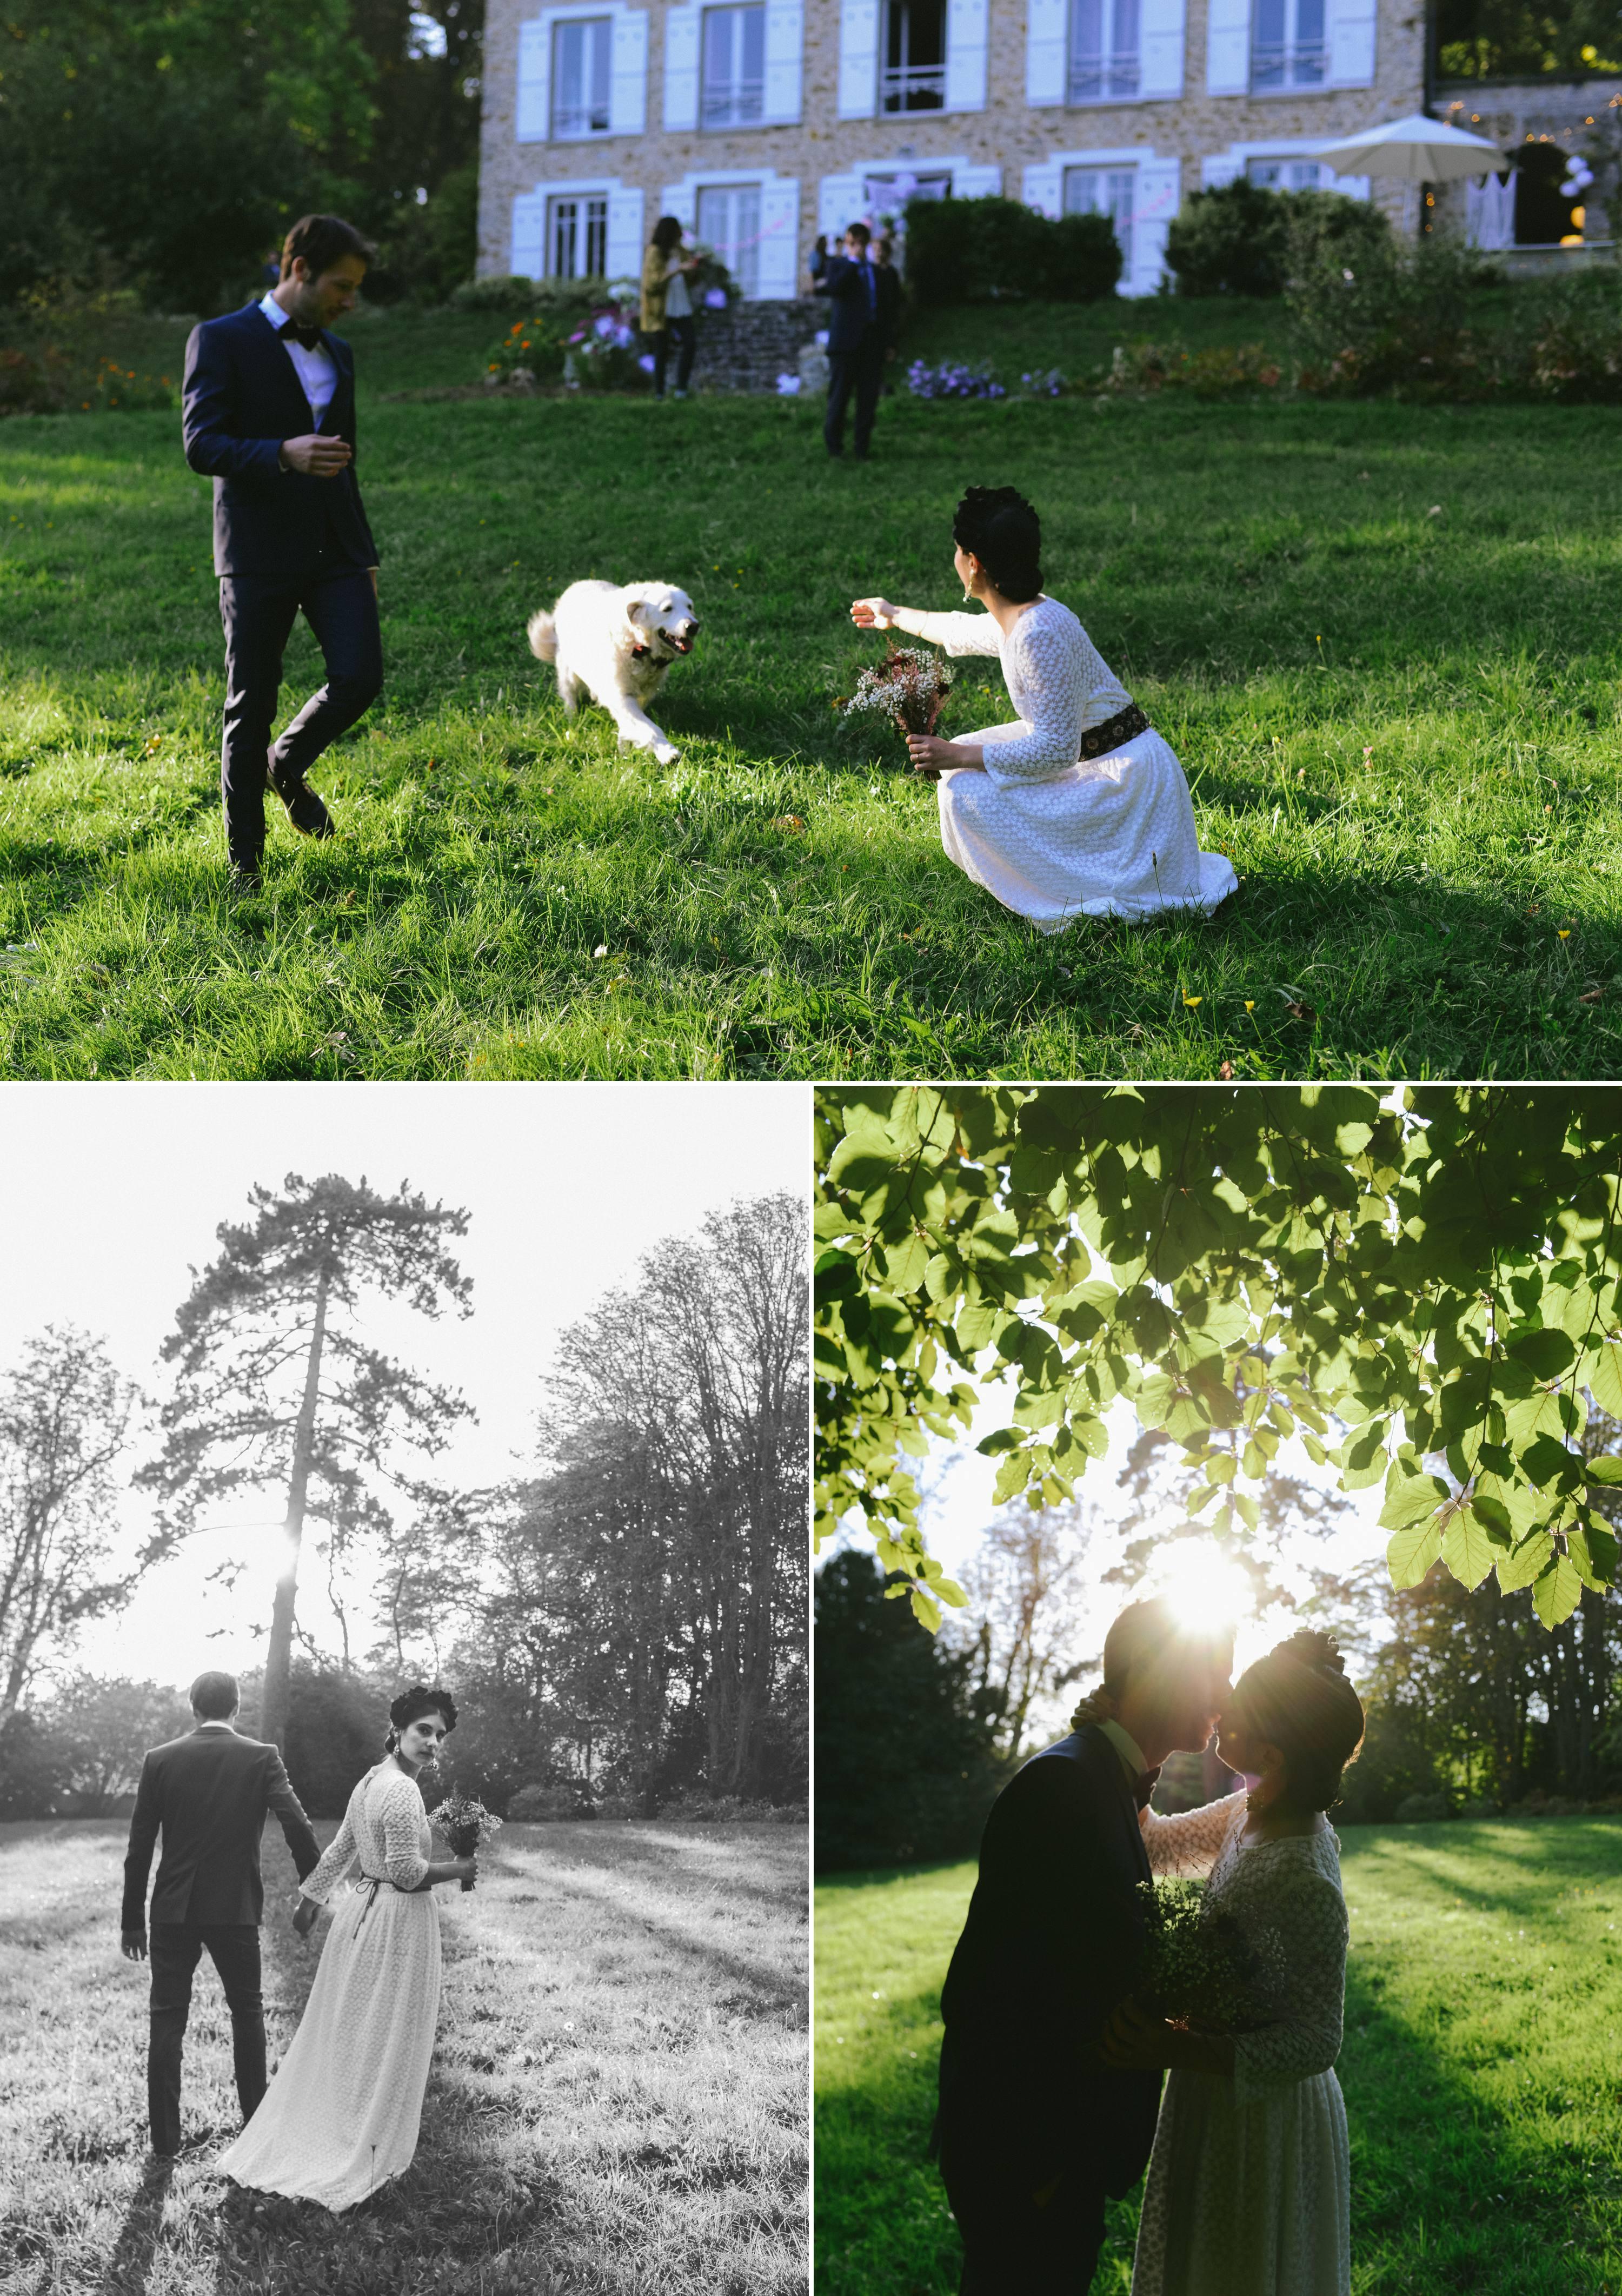 photographe-mariage-enclos-monptlaisir-paris-bordeaux 23